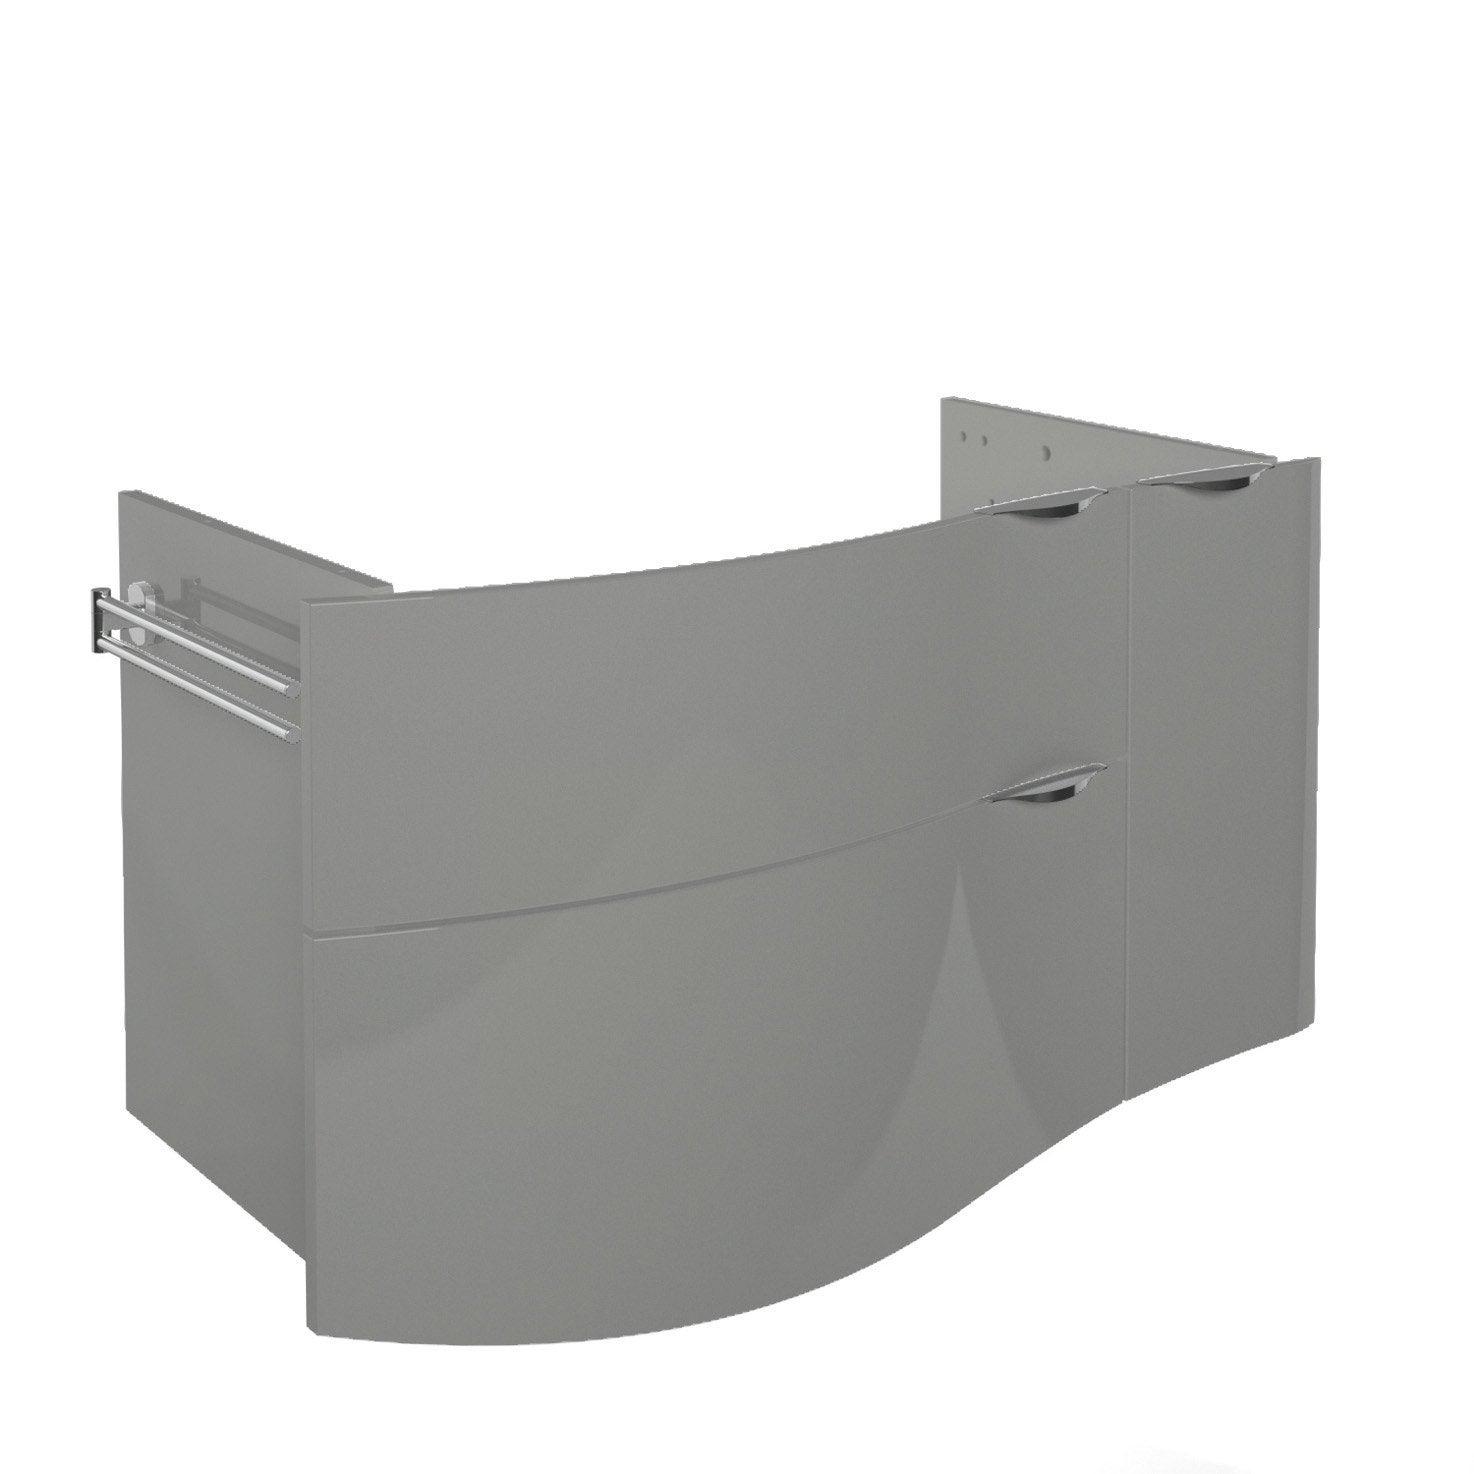 meuble sous vasque x x cm gr ge elegance leroy merlin. Black Bedroom Furniture Sets. Home Design Ideas